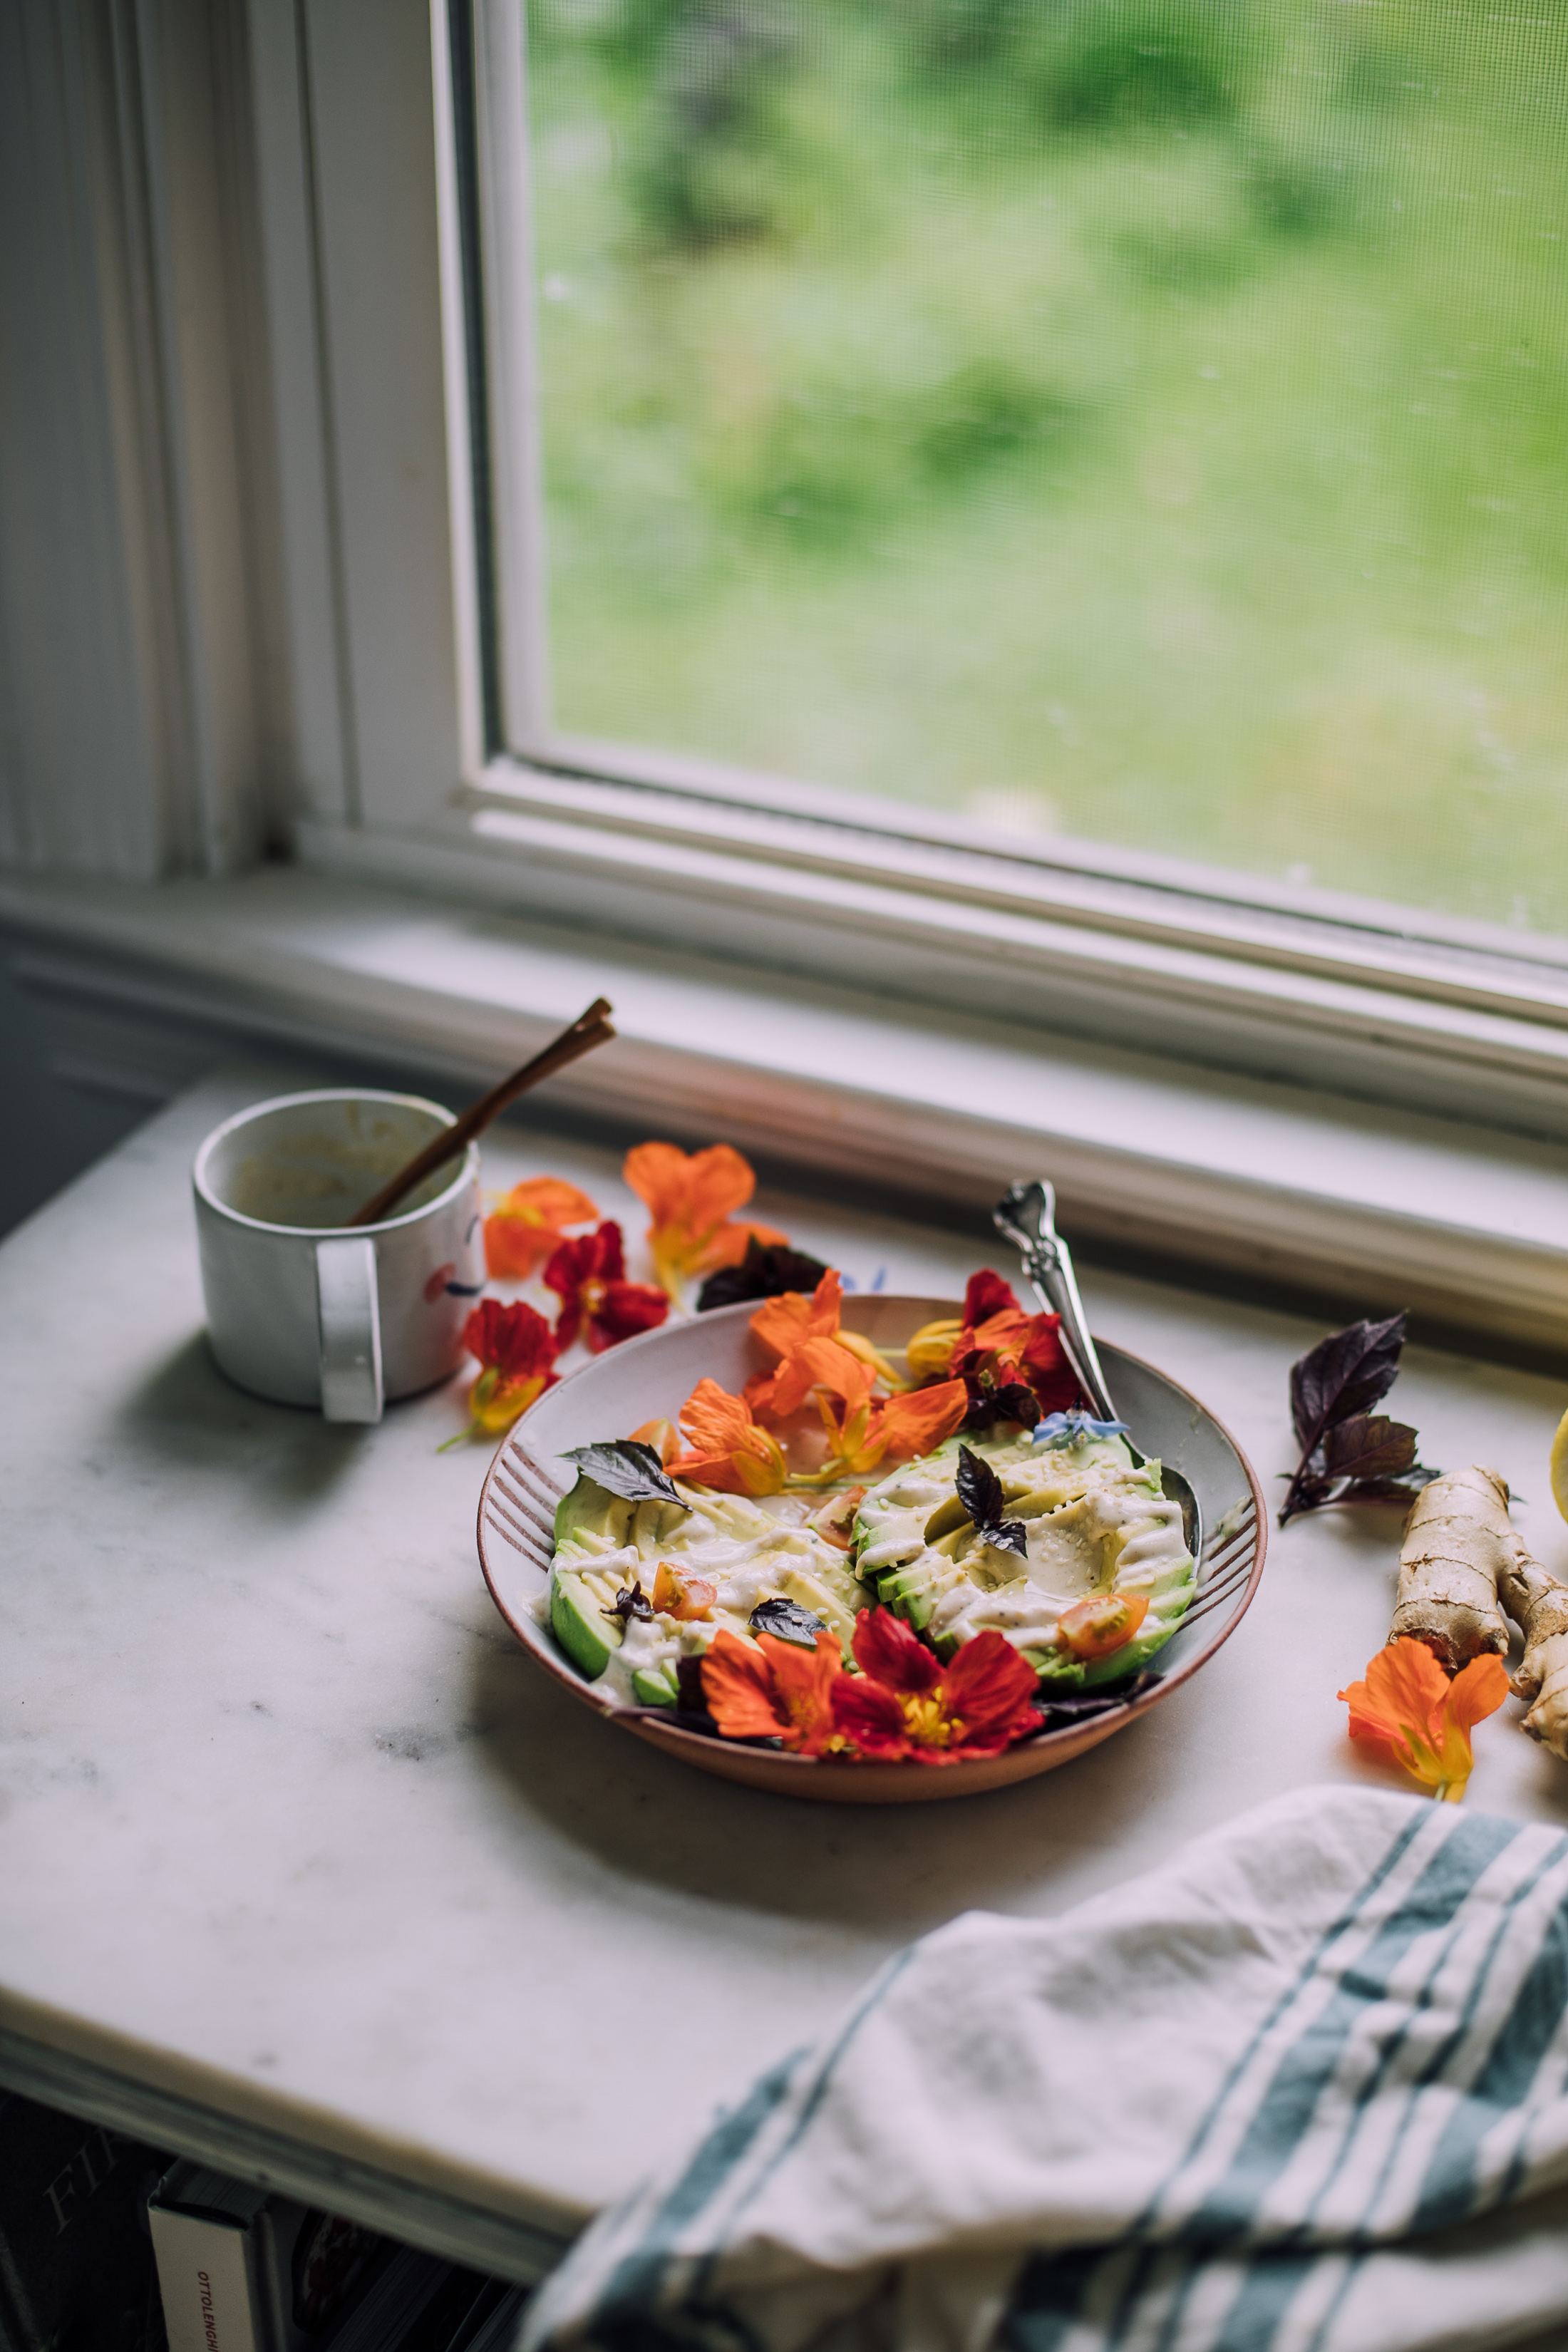 avo-salad-ginger-miso-dressing-0817.jpg